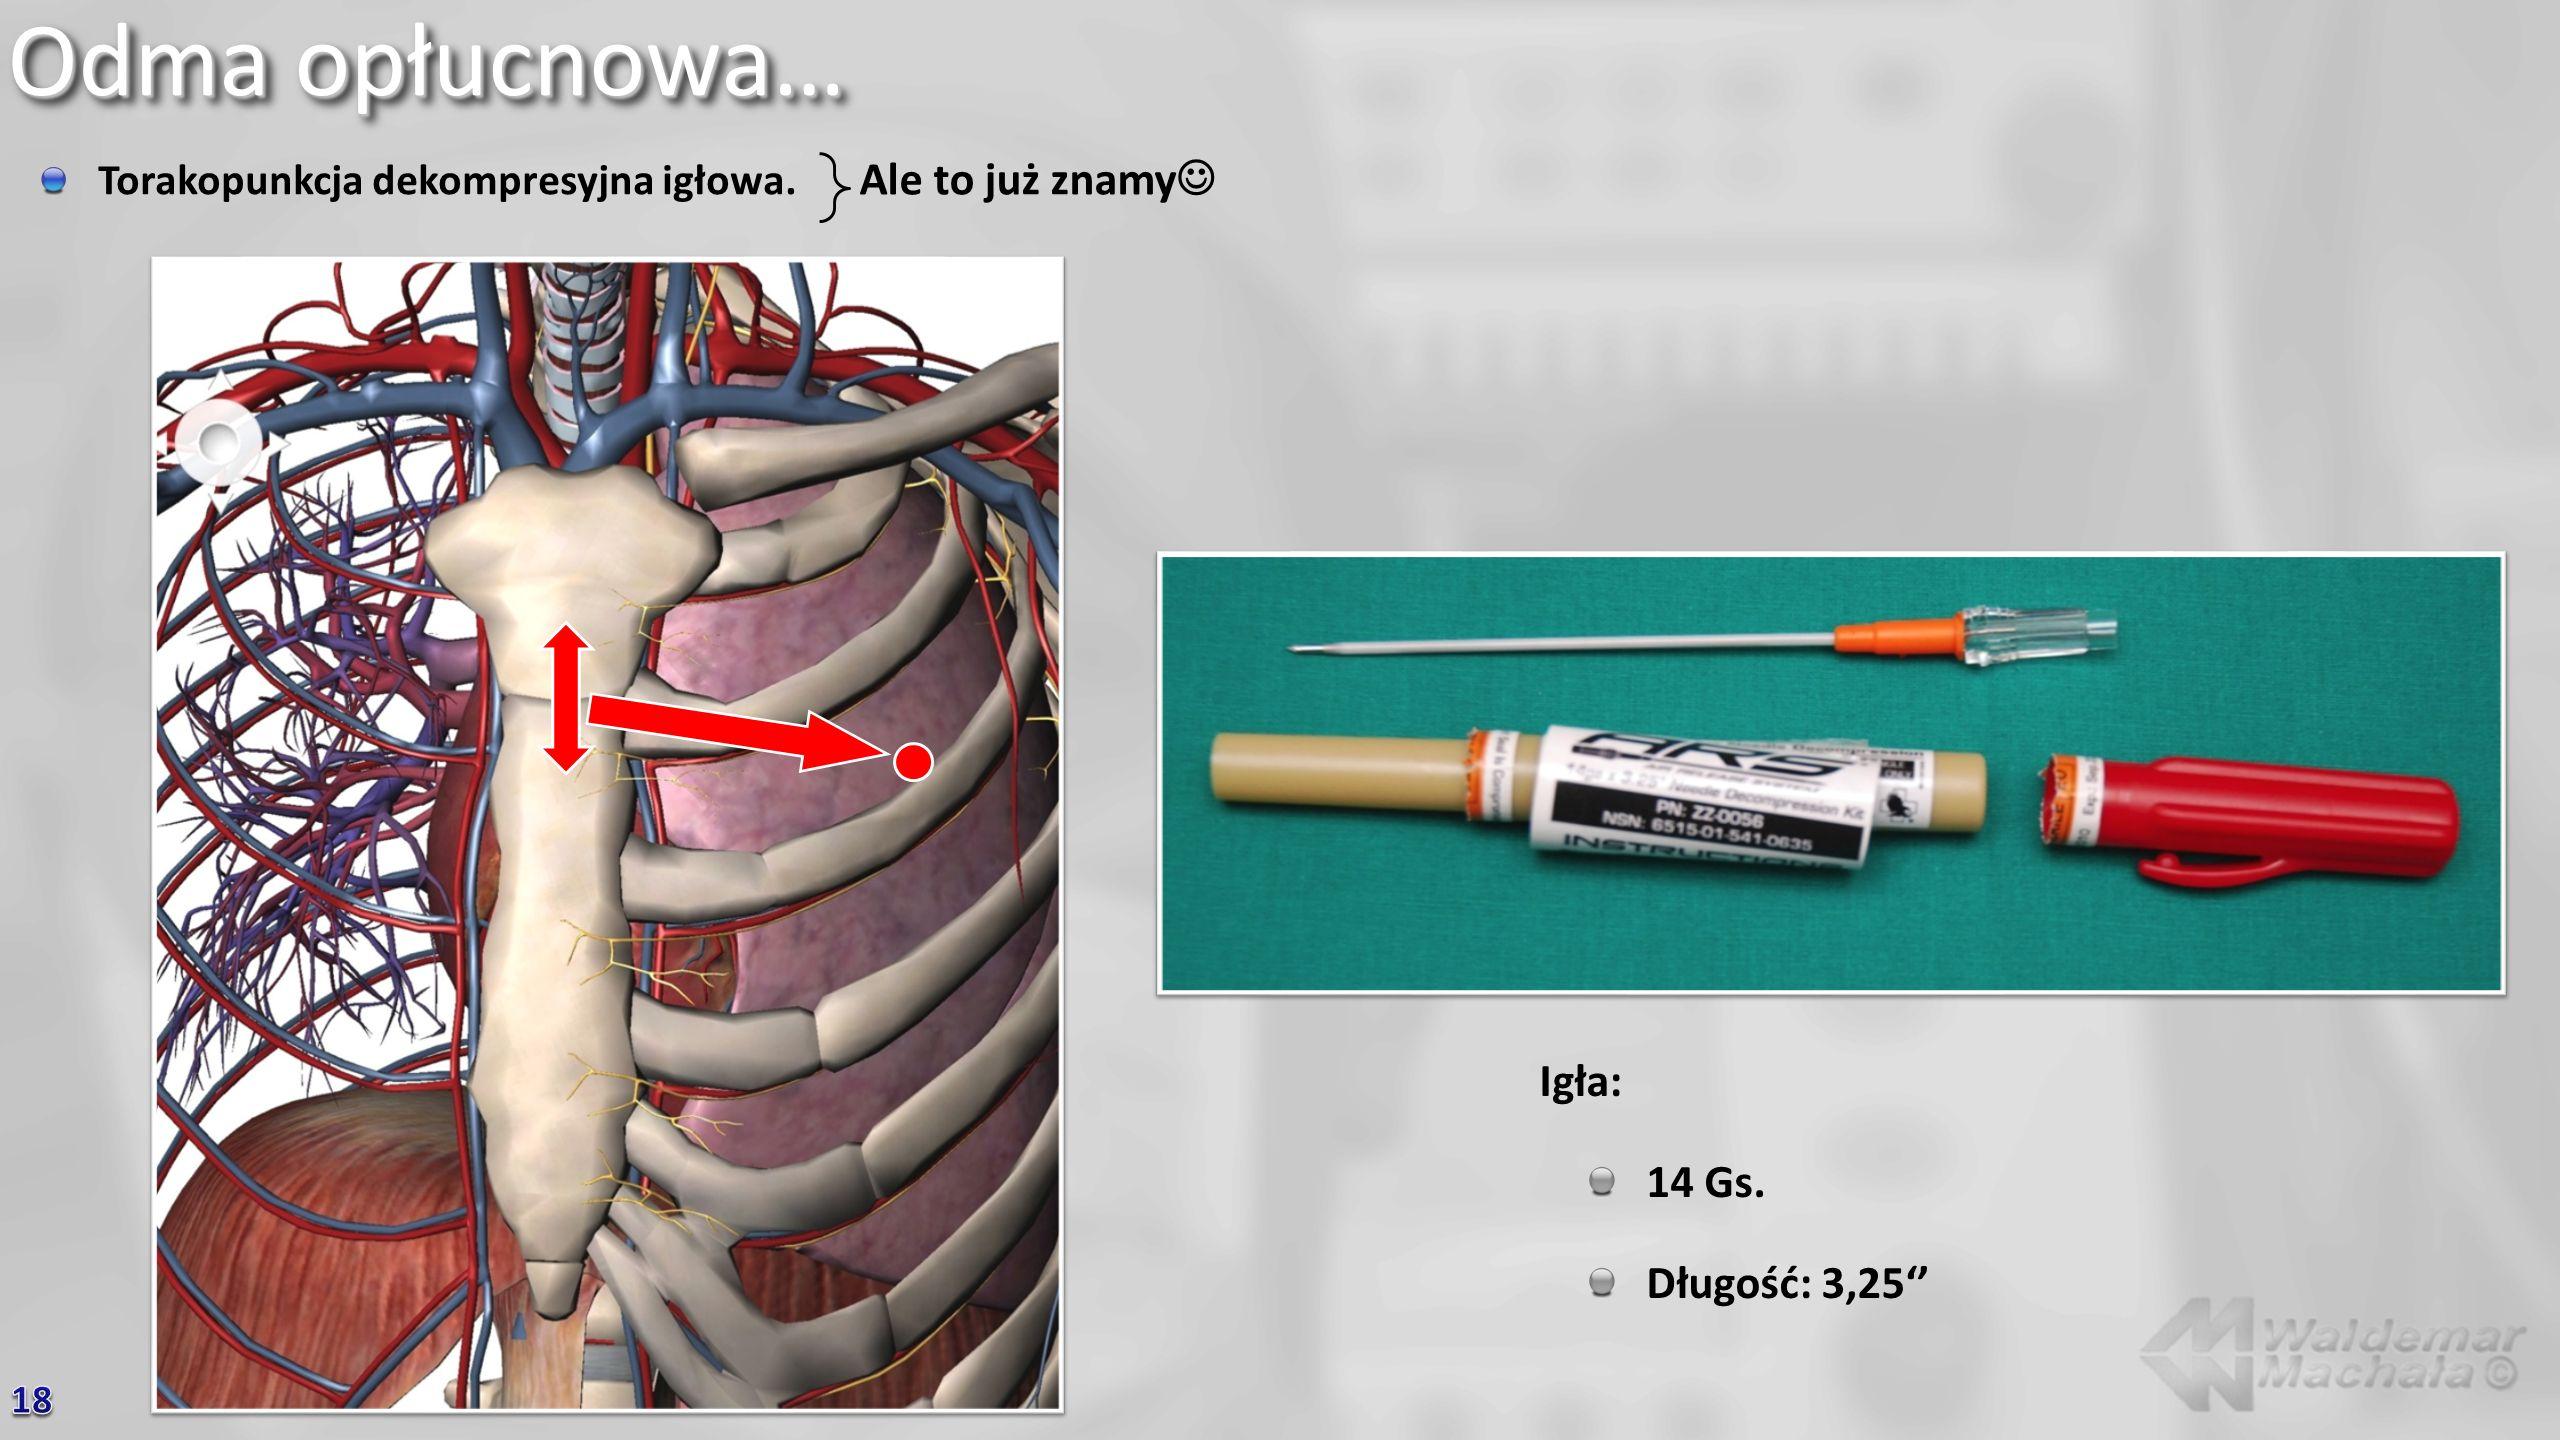 Odma opłucnowa… Torakopunkcja dekompresyjna igłowa. Igła: 14 Gs. Długość: 3,25 Ale to już znamy